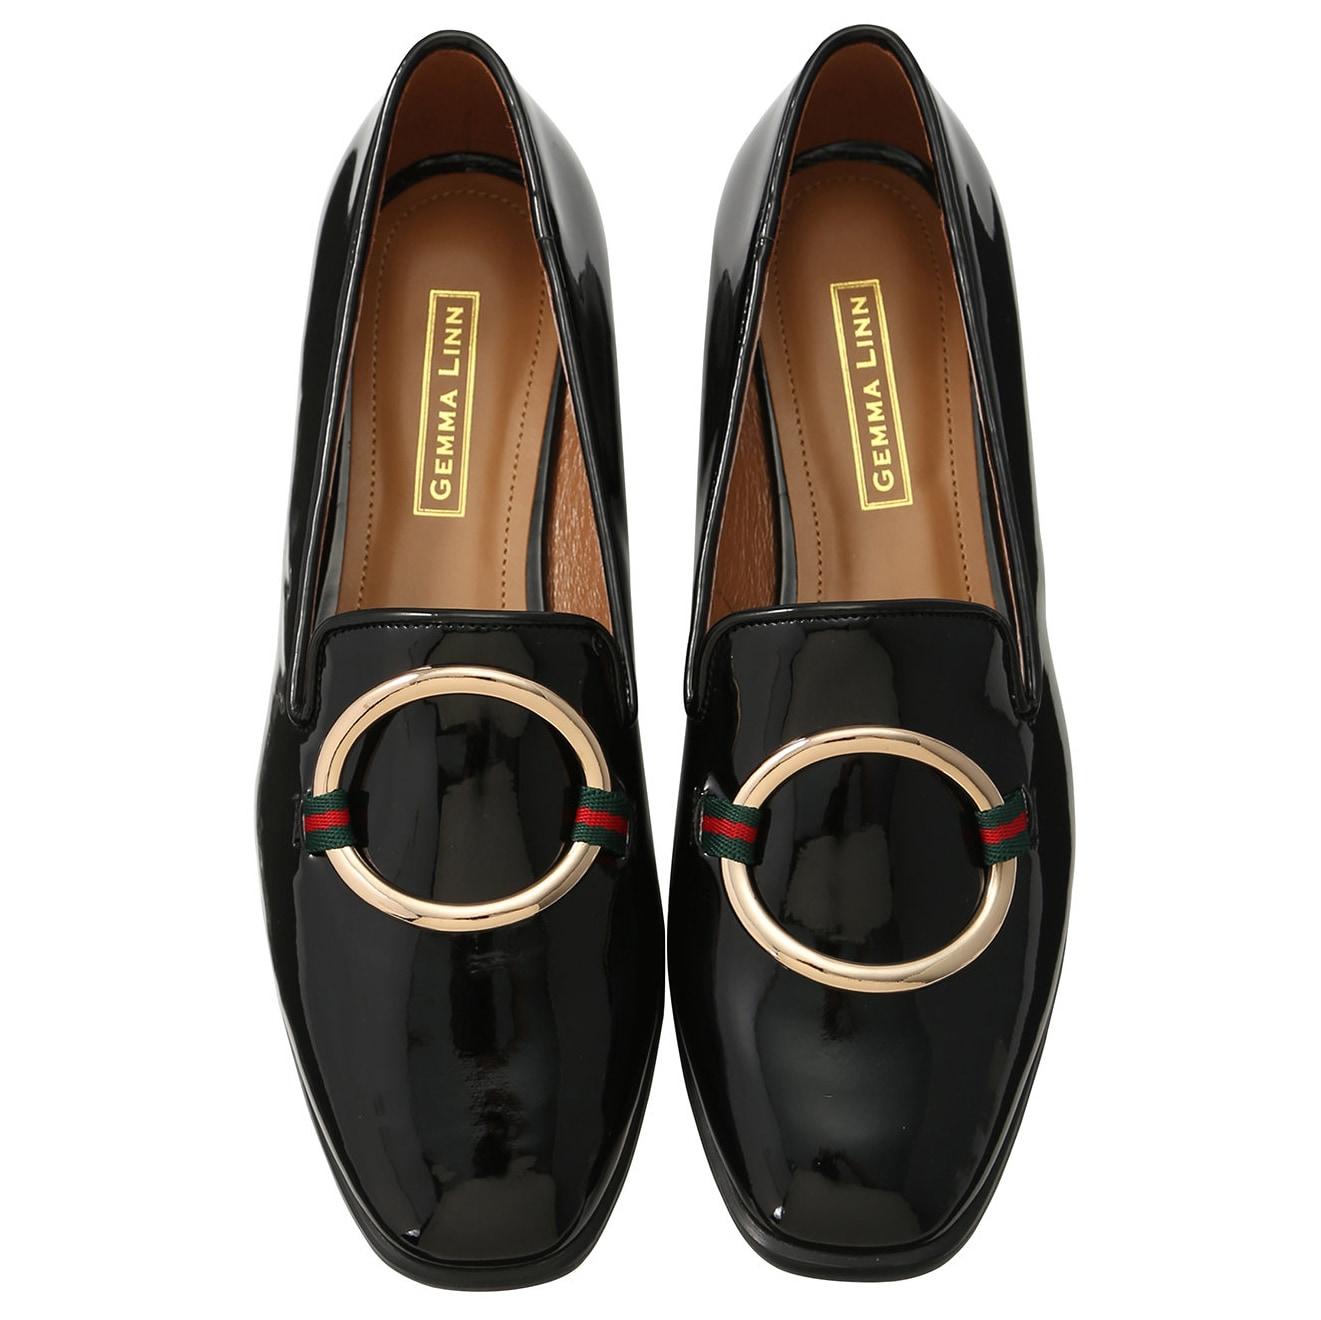 【梅雨に履けるおしゃれな靴】雨の日用に見えないレイン対応シューズ